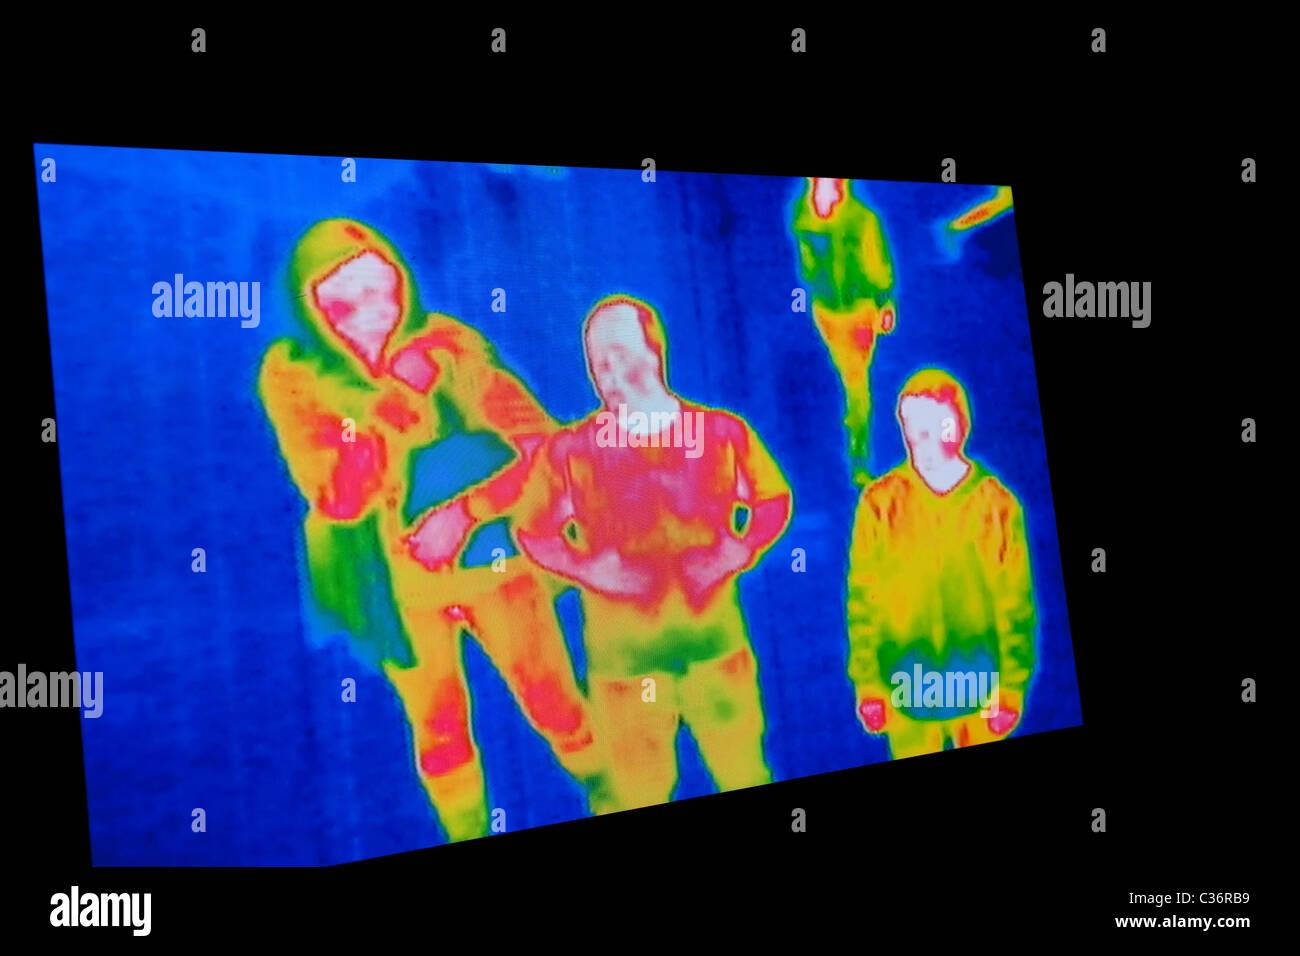 Photo de l'image thermique pour le fond d'écran Photo Stock